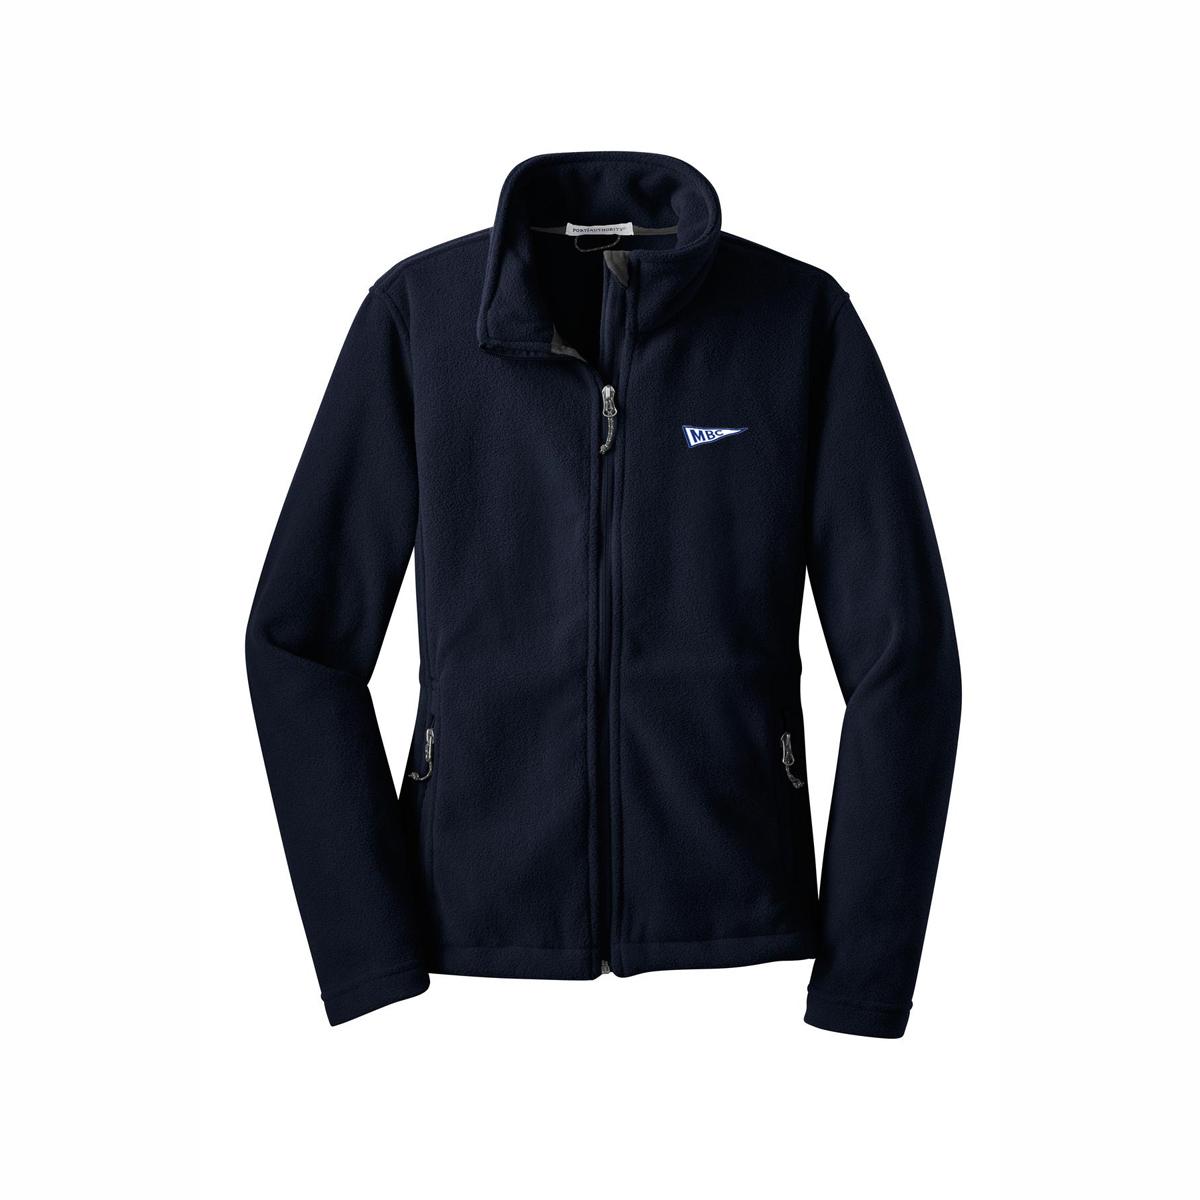 Monmouth Boat Club - Women's Value Fleece Jacket